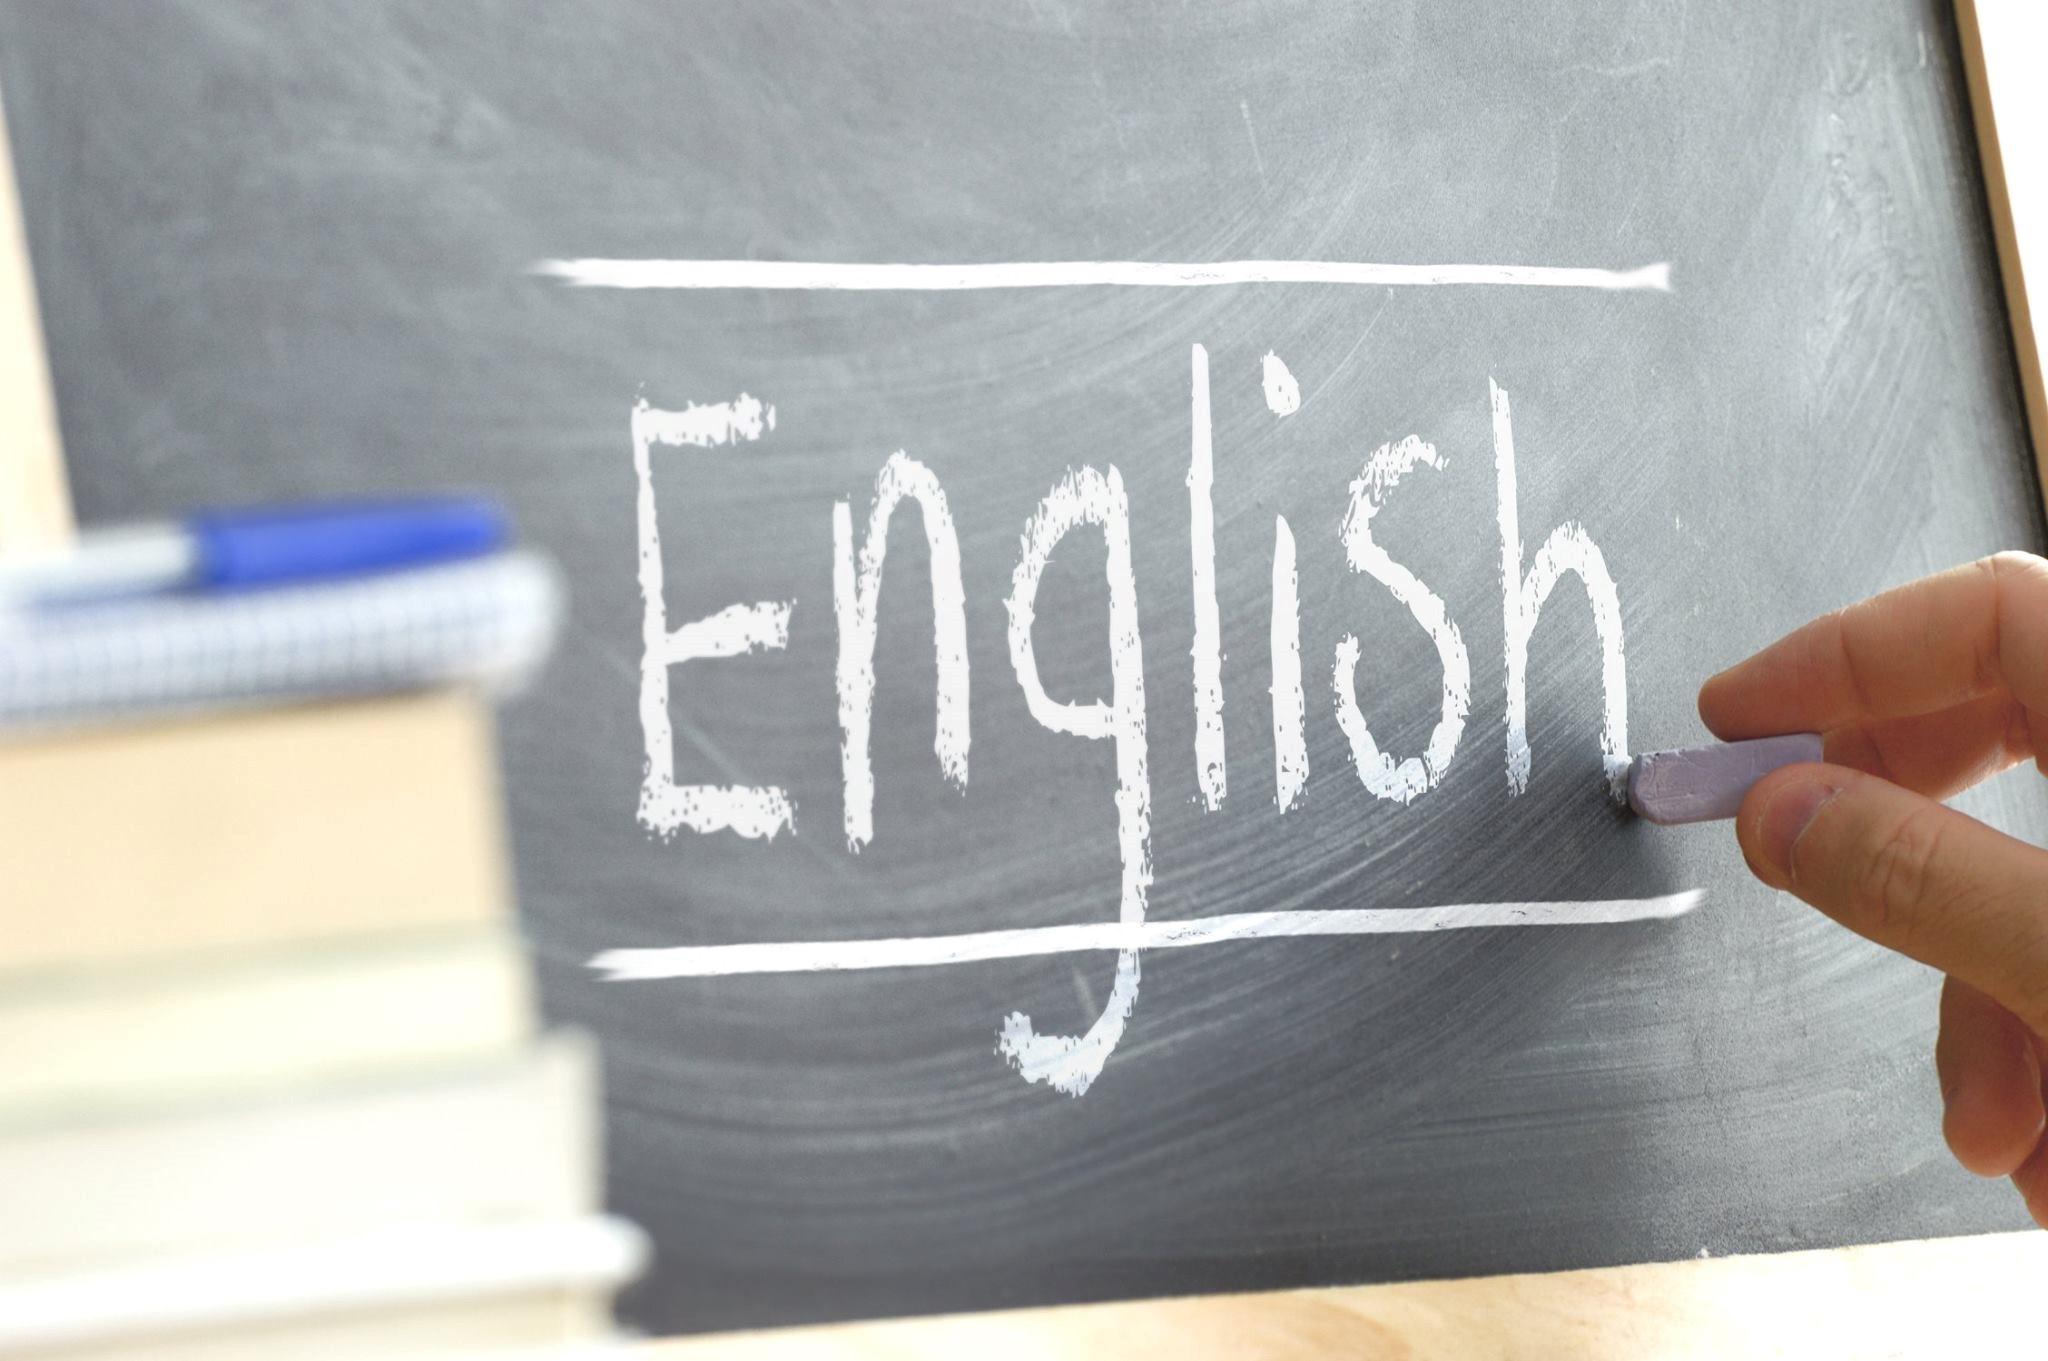 آموزش زبان انگلیسی و چالش های آینده